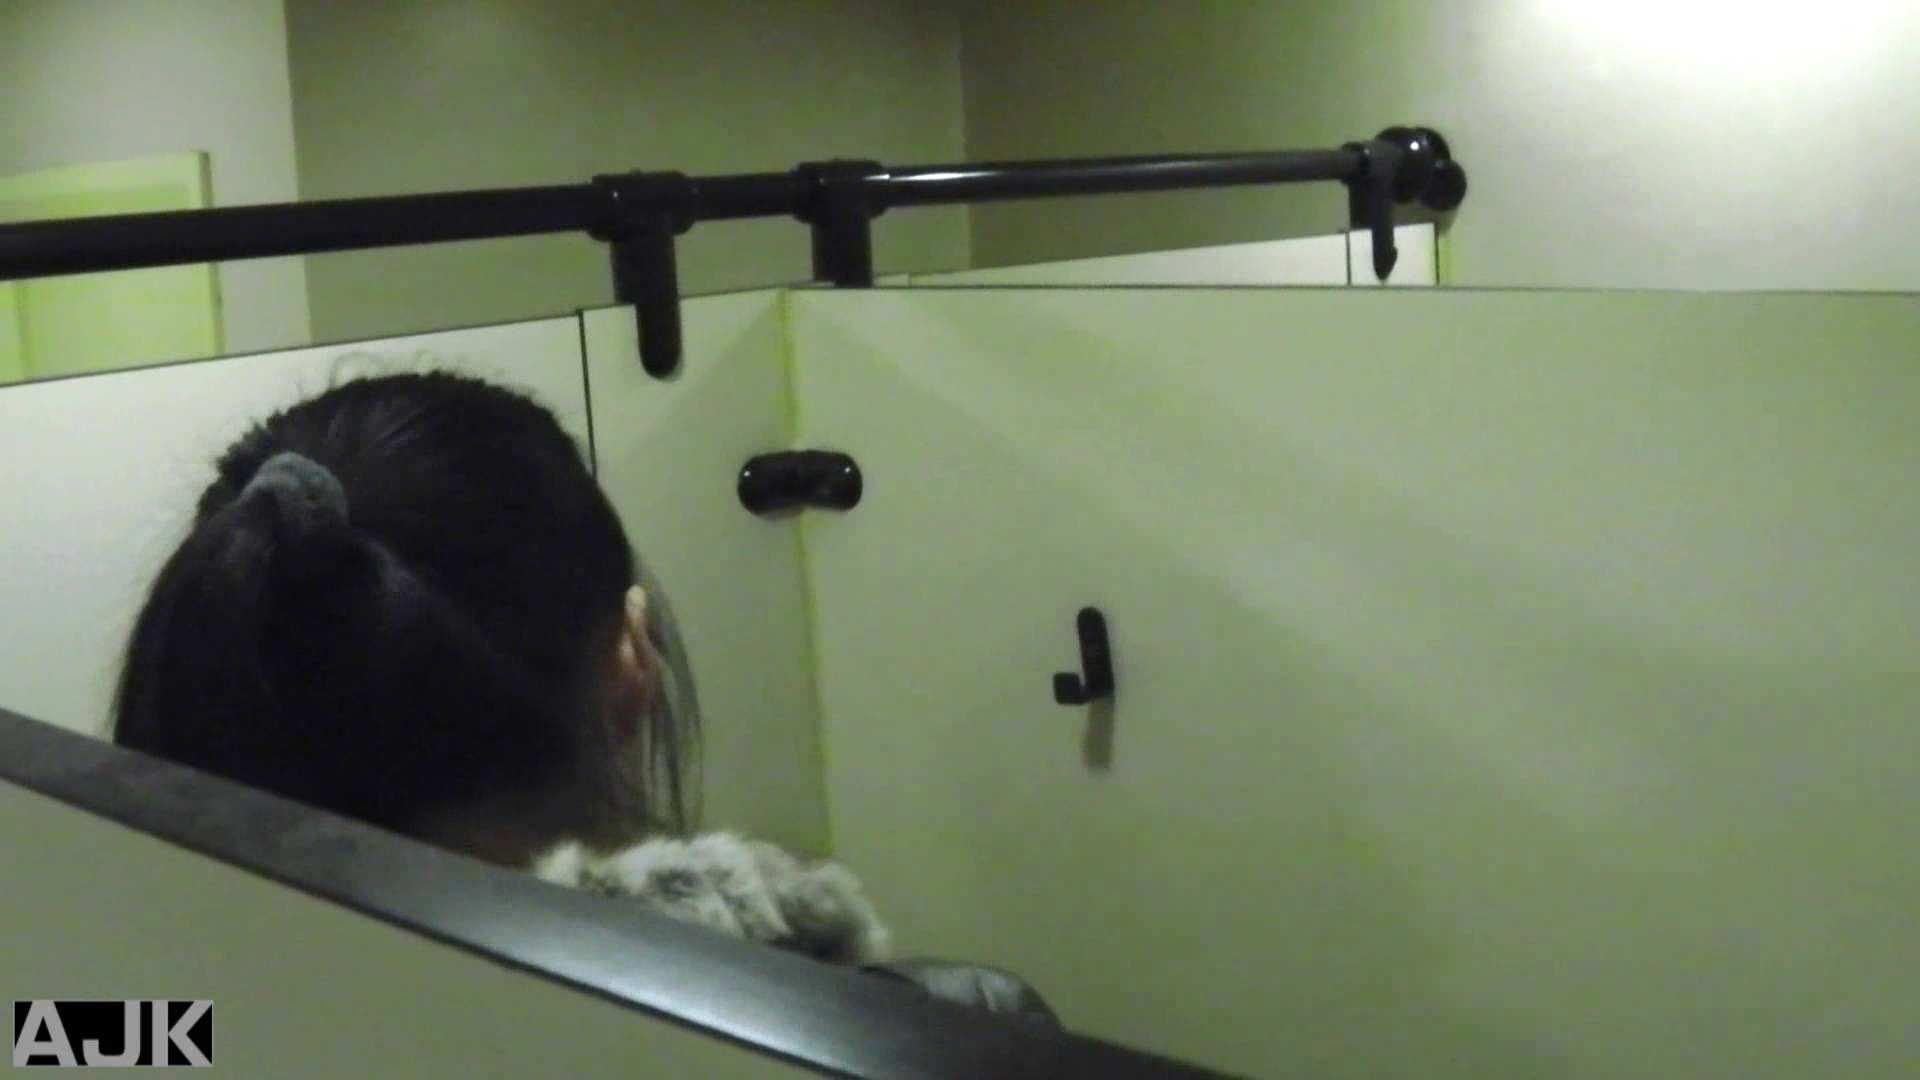 隣国上階級エリアの令嬢たちが集うデパートお手洗い Vol.19 女子トイレ すけべAV動画紹介 99枚 10